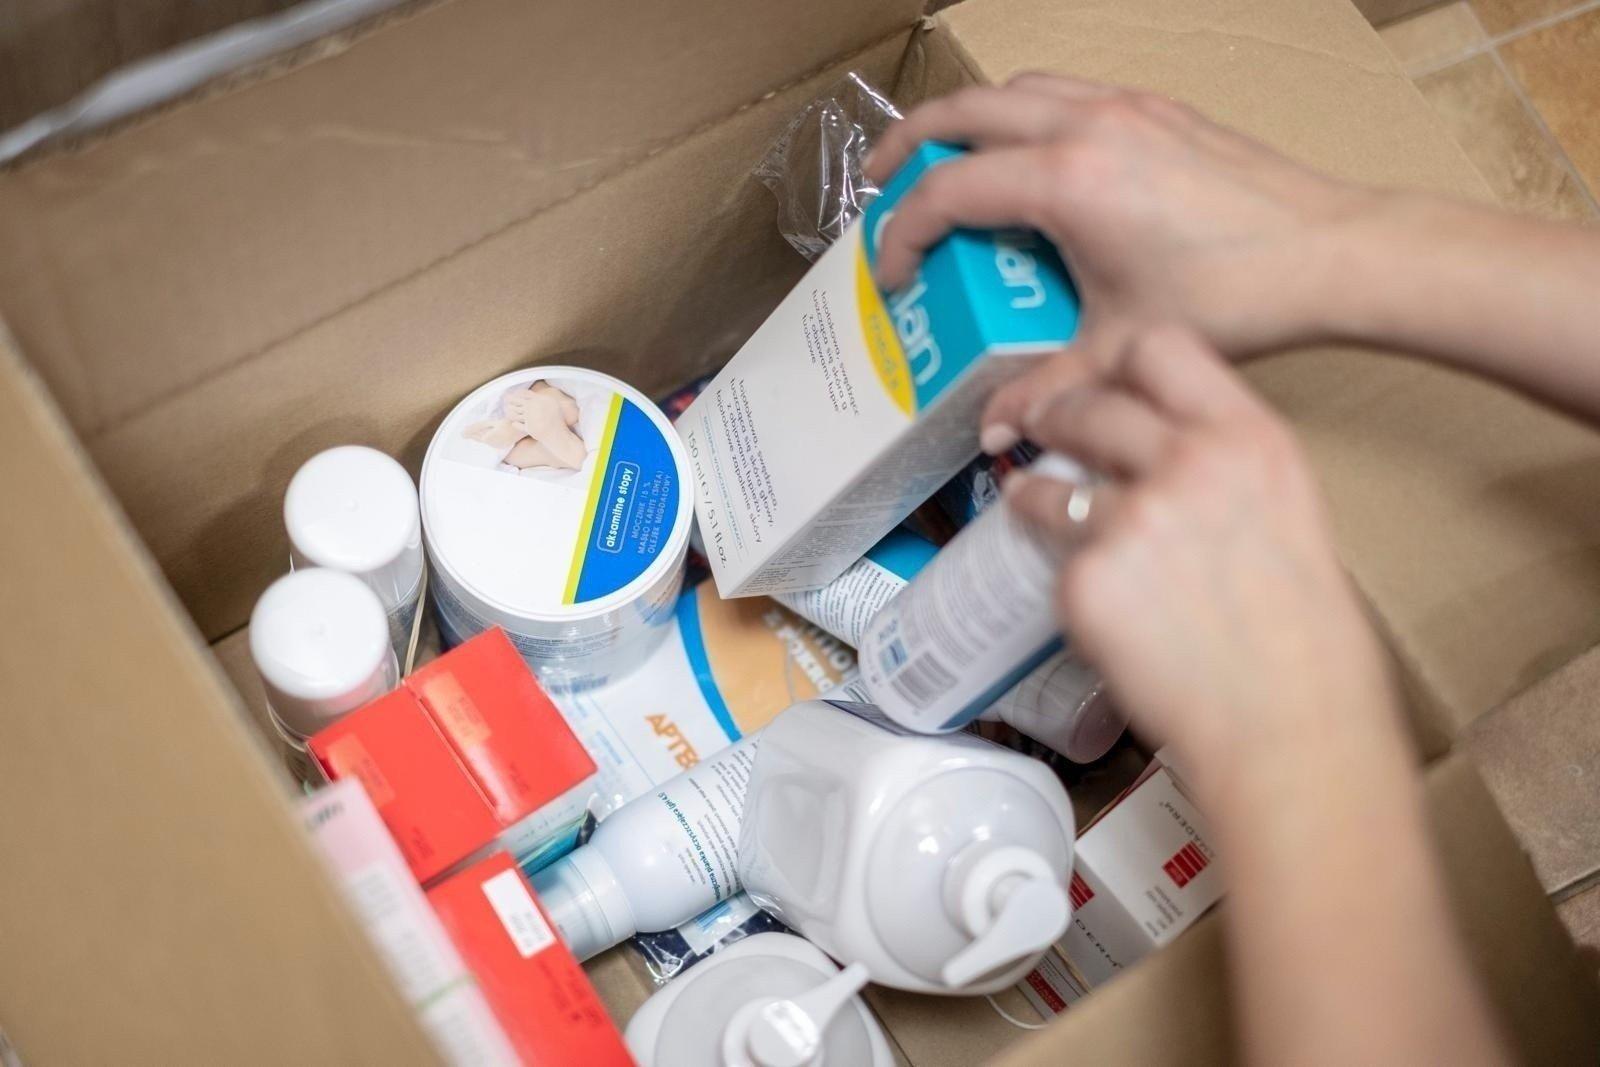 GIS alarmuje: Masz te produkty? Mogą być niebezpieczna dla zdrowia. Sprawdź aktualną listę 30.04.2020  | Głos Koszaliński